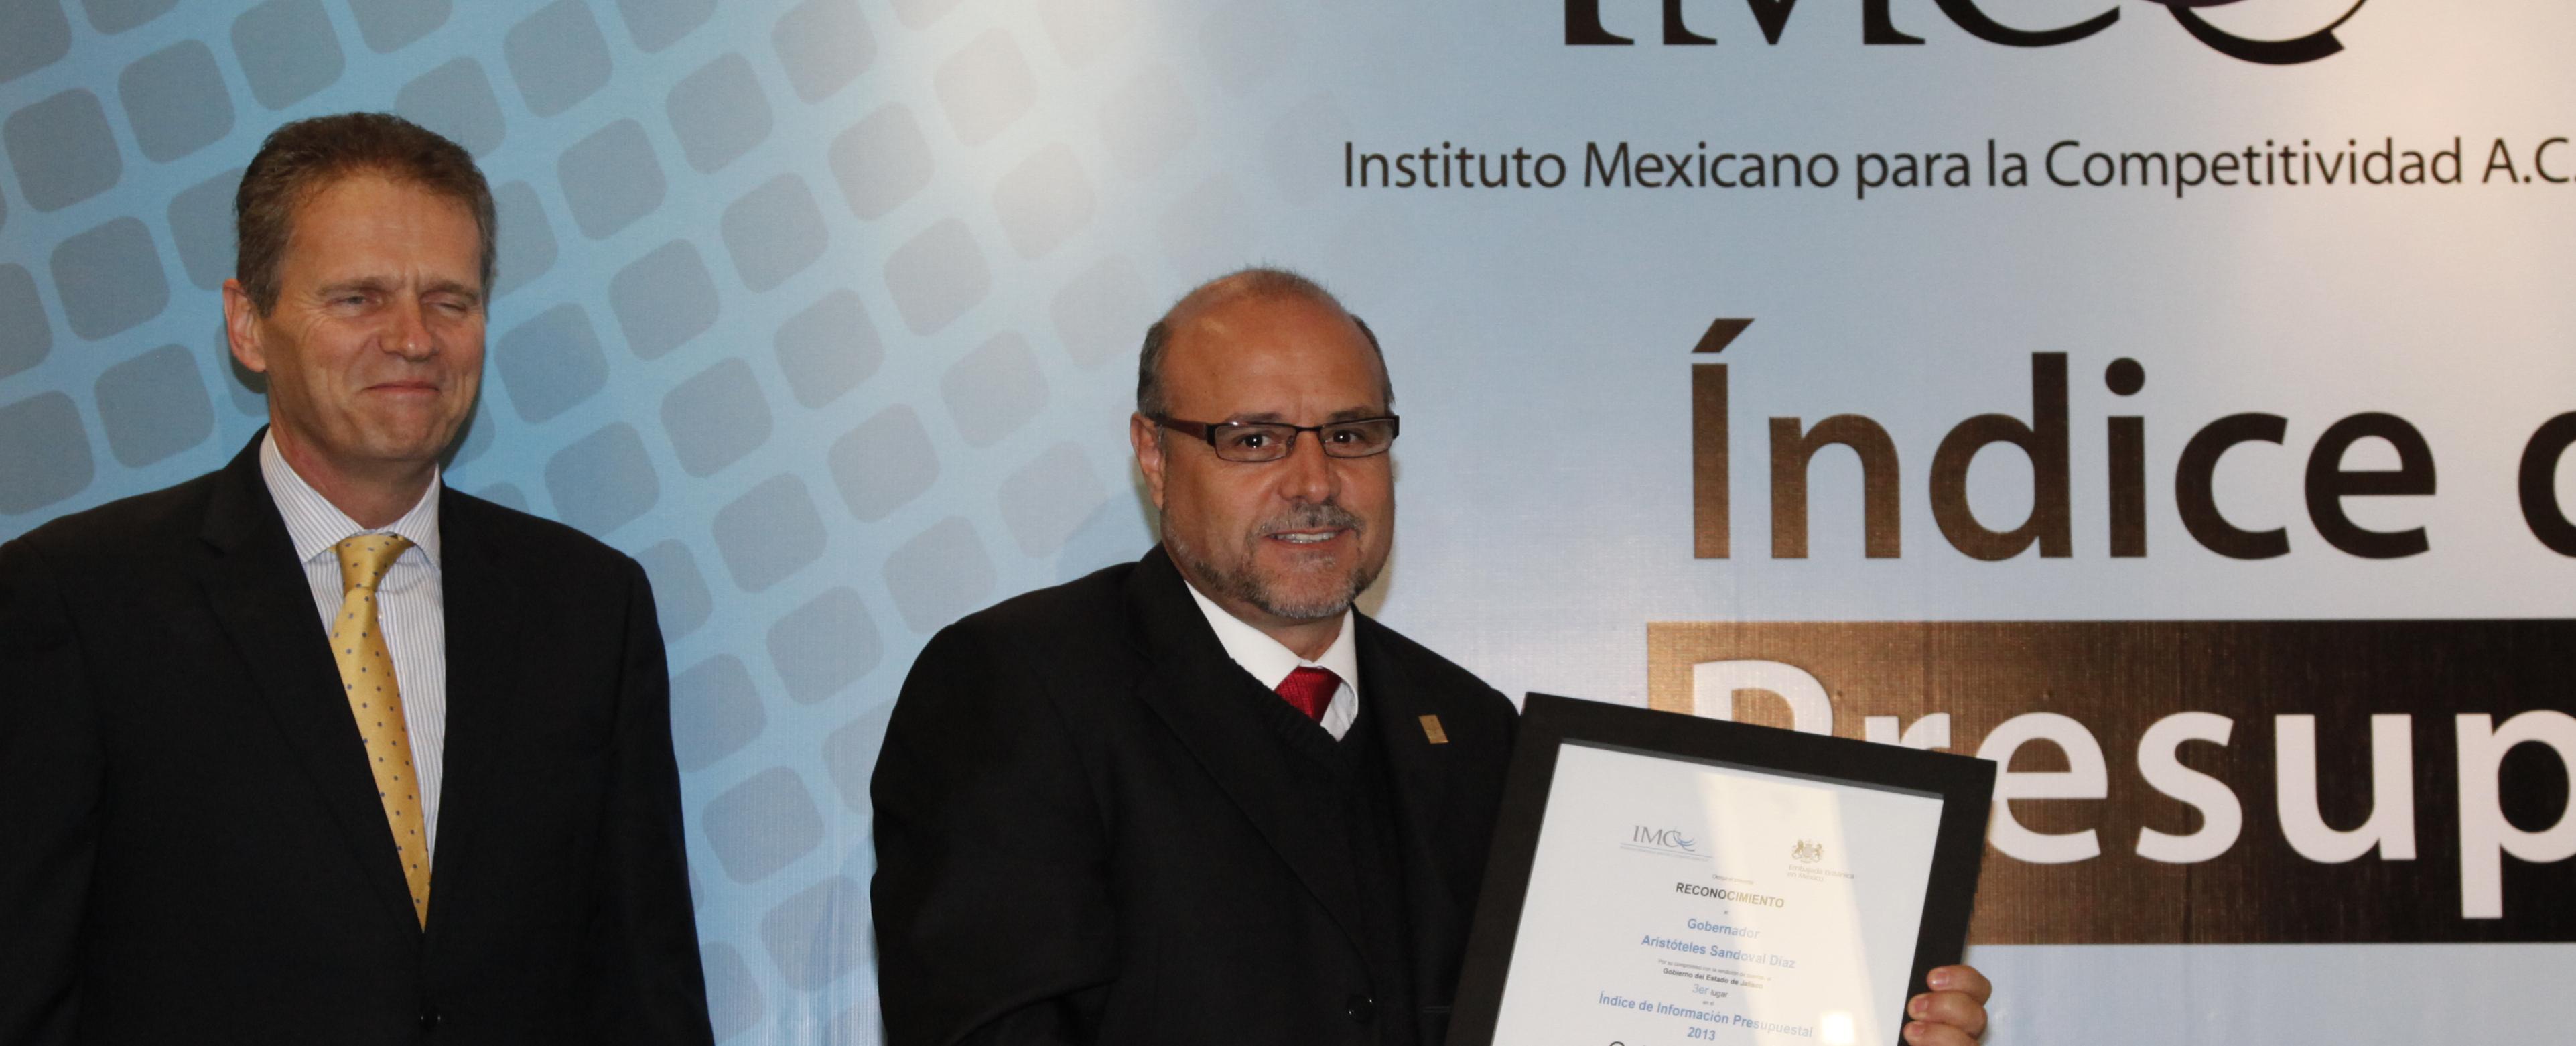 Avanza Jalisco en materia de Transparencia y Rendición de cuentas  - IMCO 2013